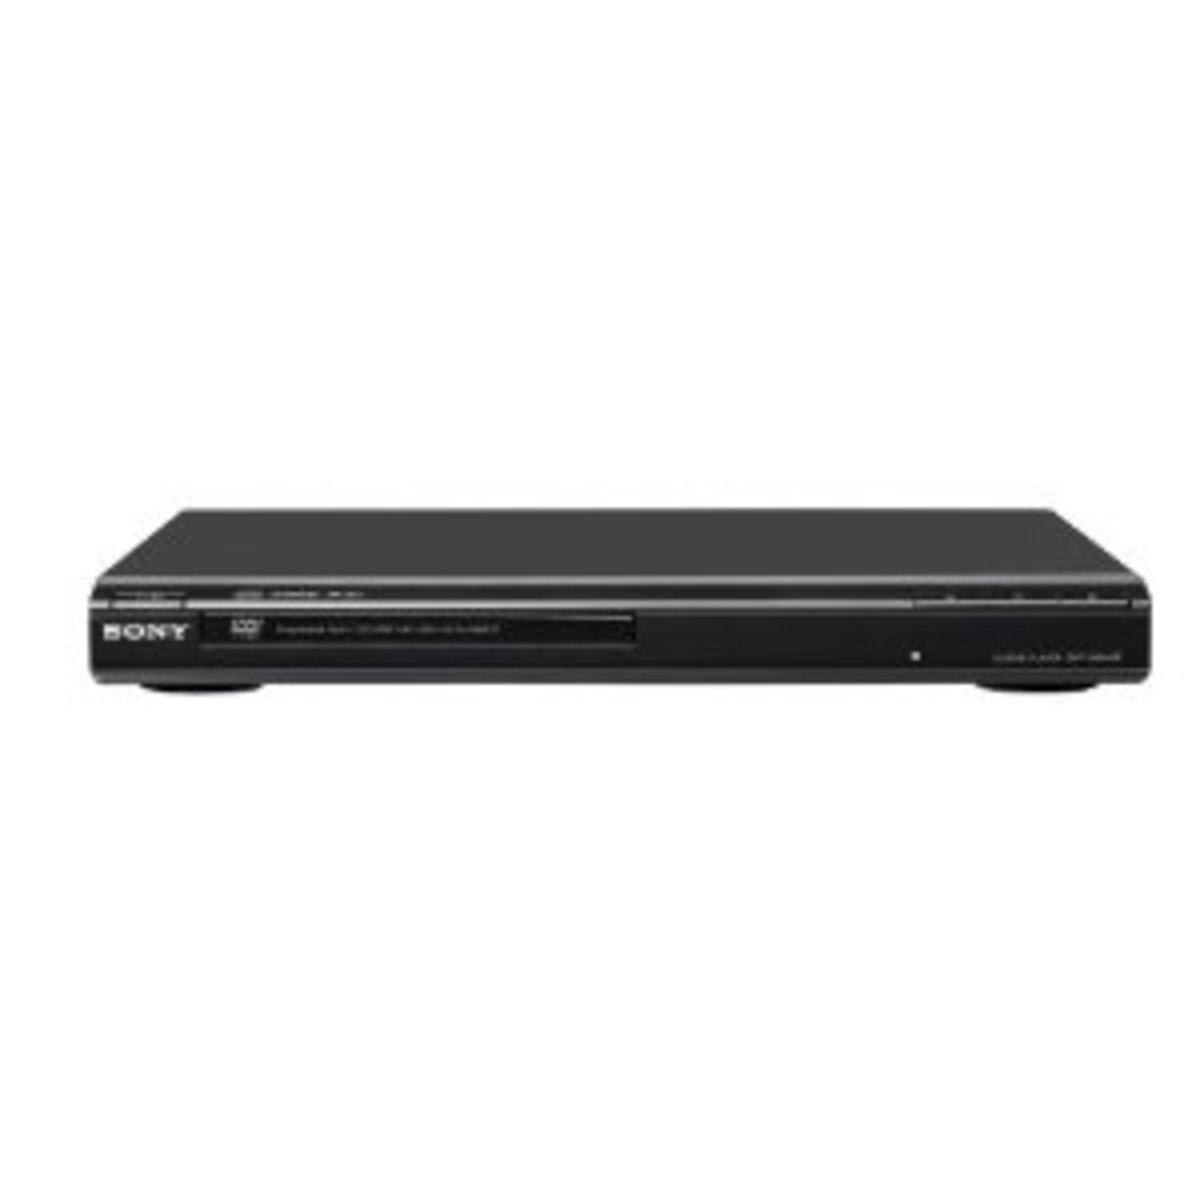 Sony DVP-SR200P CD/DVD Player